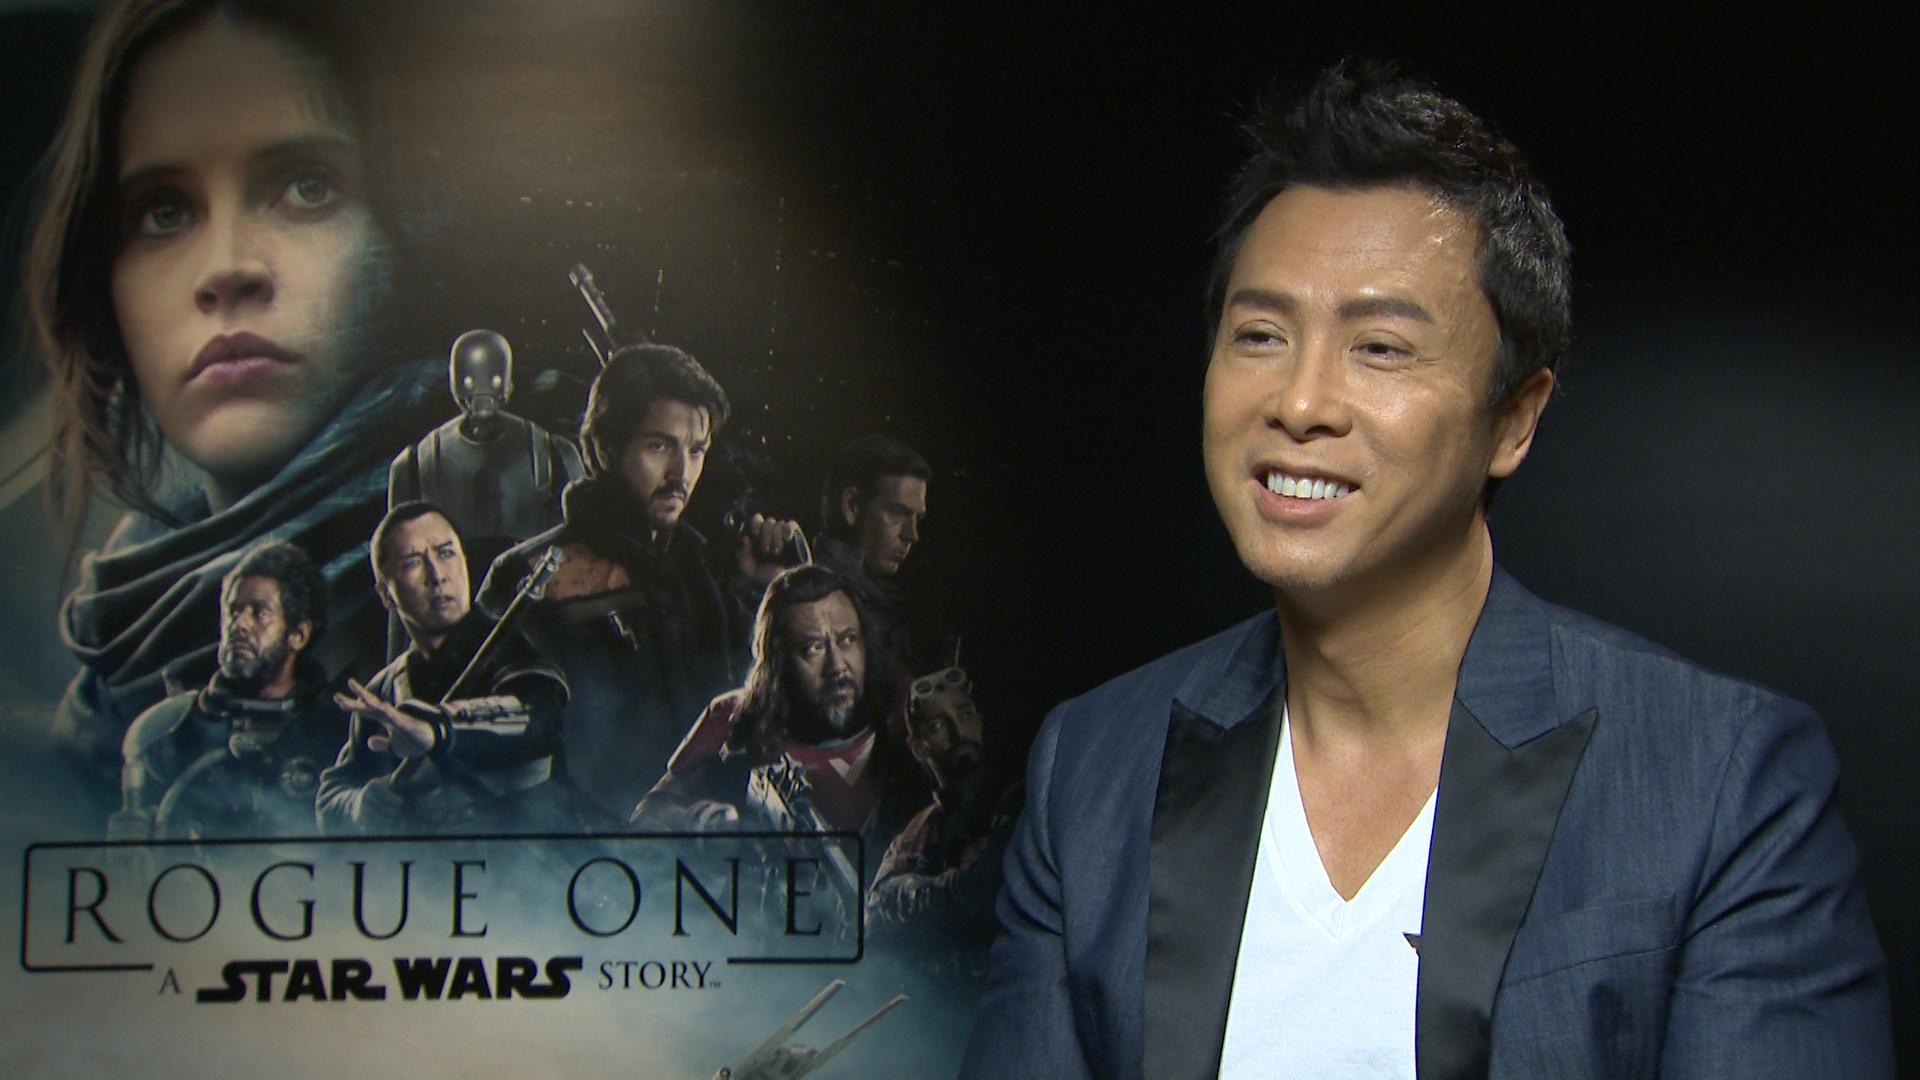 donnie_Yen_rogue_one_star_wars_film_interview